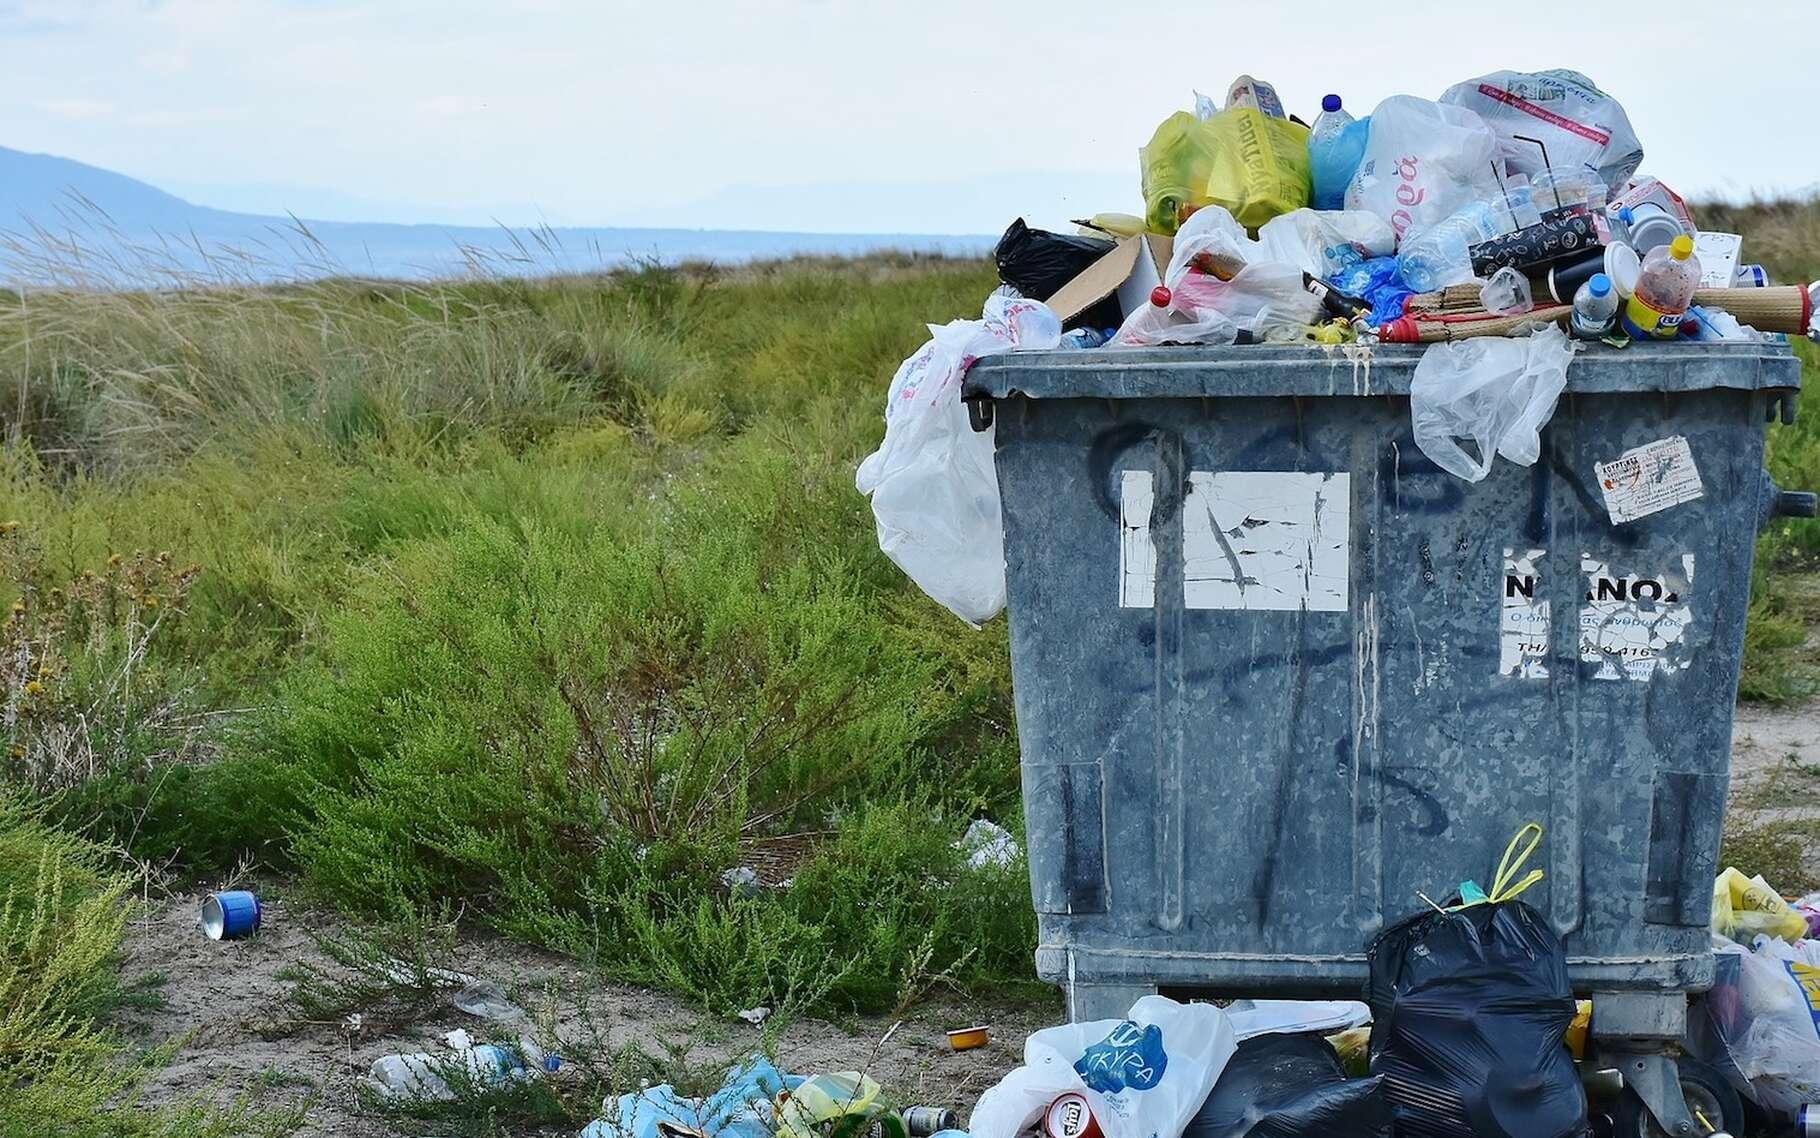 Un déchet est qualifié d'ultime lorsqu'il n'est ni valorisable ni recyclable. © RitaE, Pixabay, CC0 Creative Commons